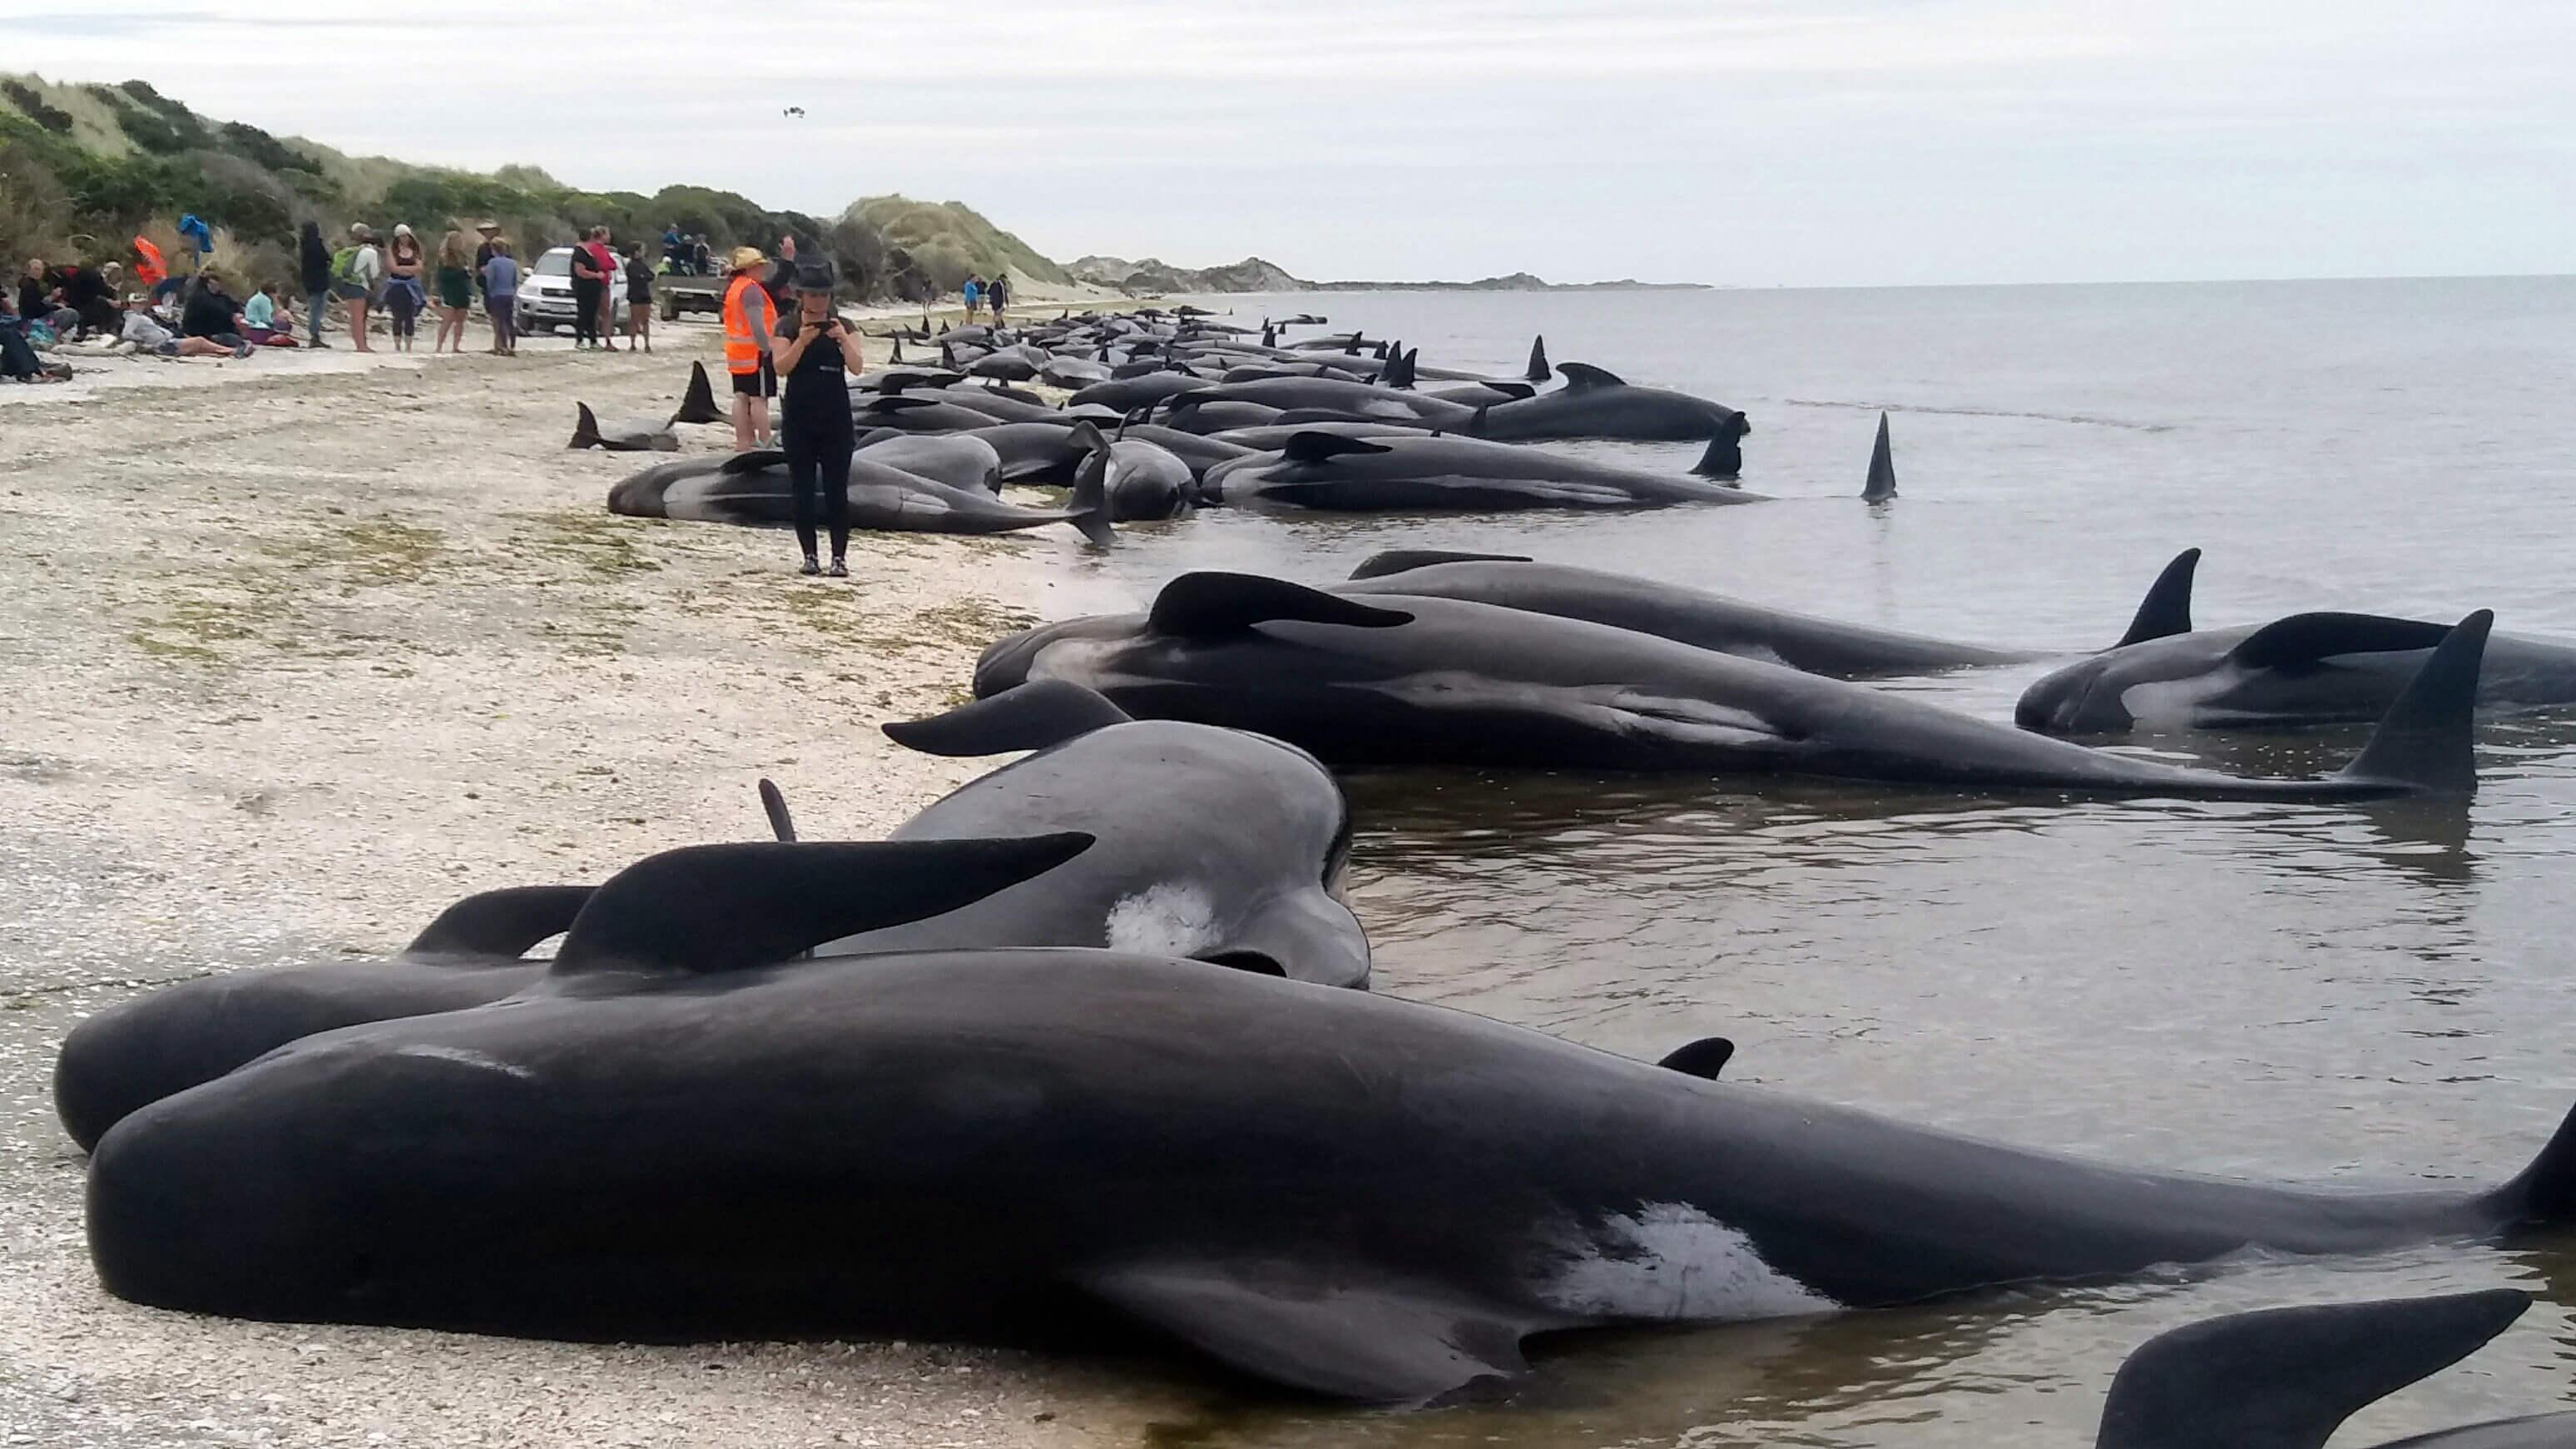 Aparecen más de 100 ballenas varadas en Nueva Zelanda